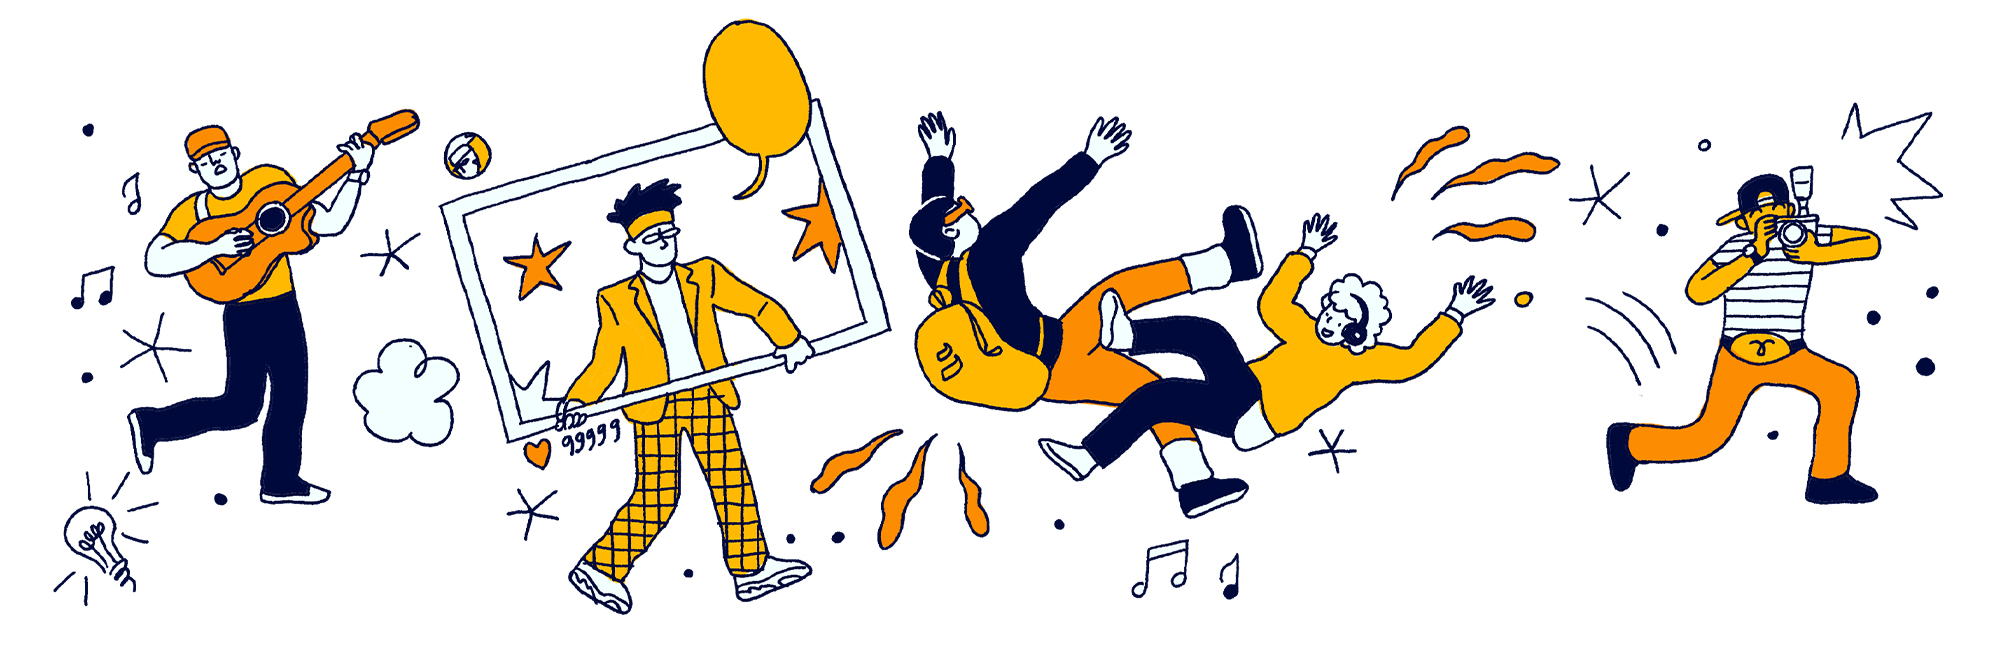 Bold Millennials: Câu chuyện về một thế hệ không còn trẻ lắm nhưng đã và đang sống một đời rất đậm - Ảnh 5.